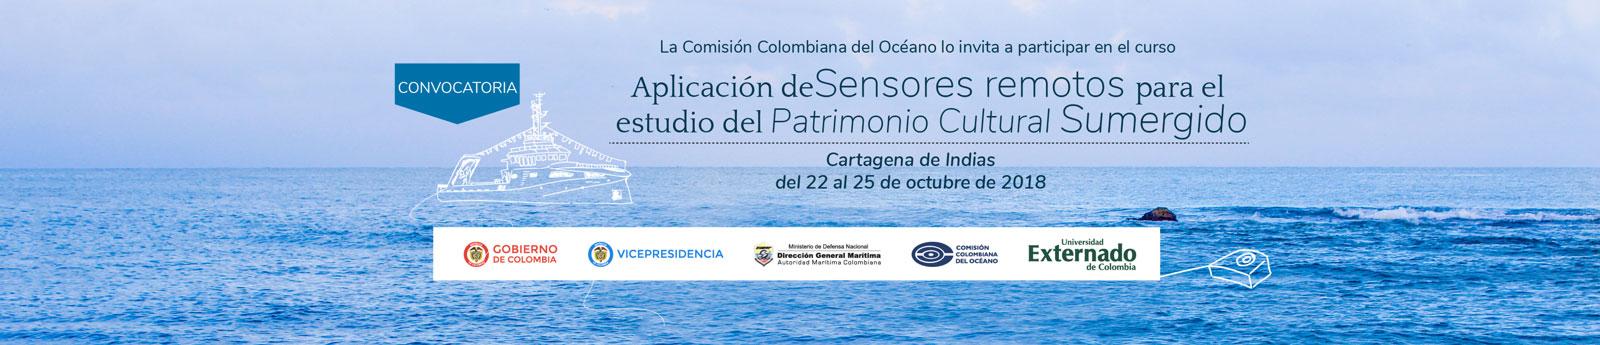 Curso: Aplicación de Sensores remotos para el estudio del Patrimonio Cultural Sumergido